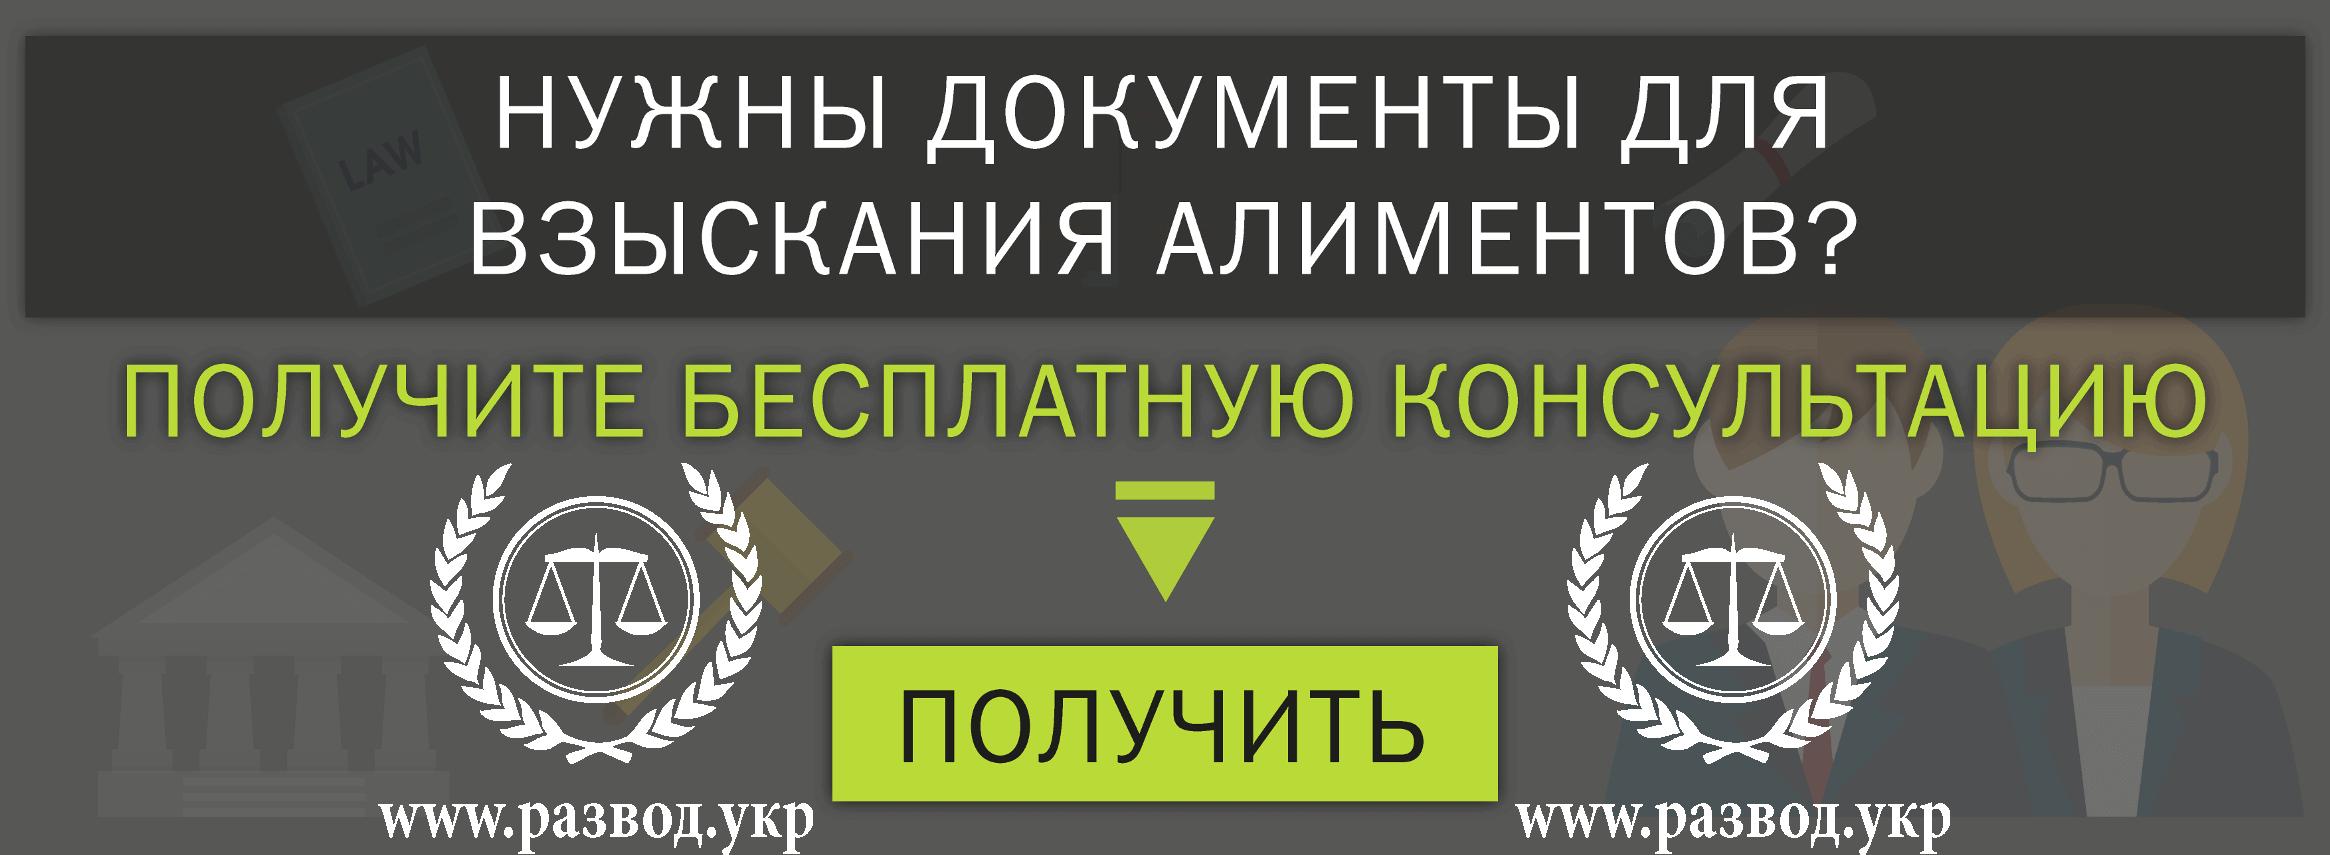 Иваново Принудительное Лечение От Алкоголизма